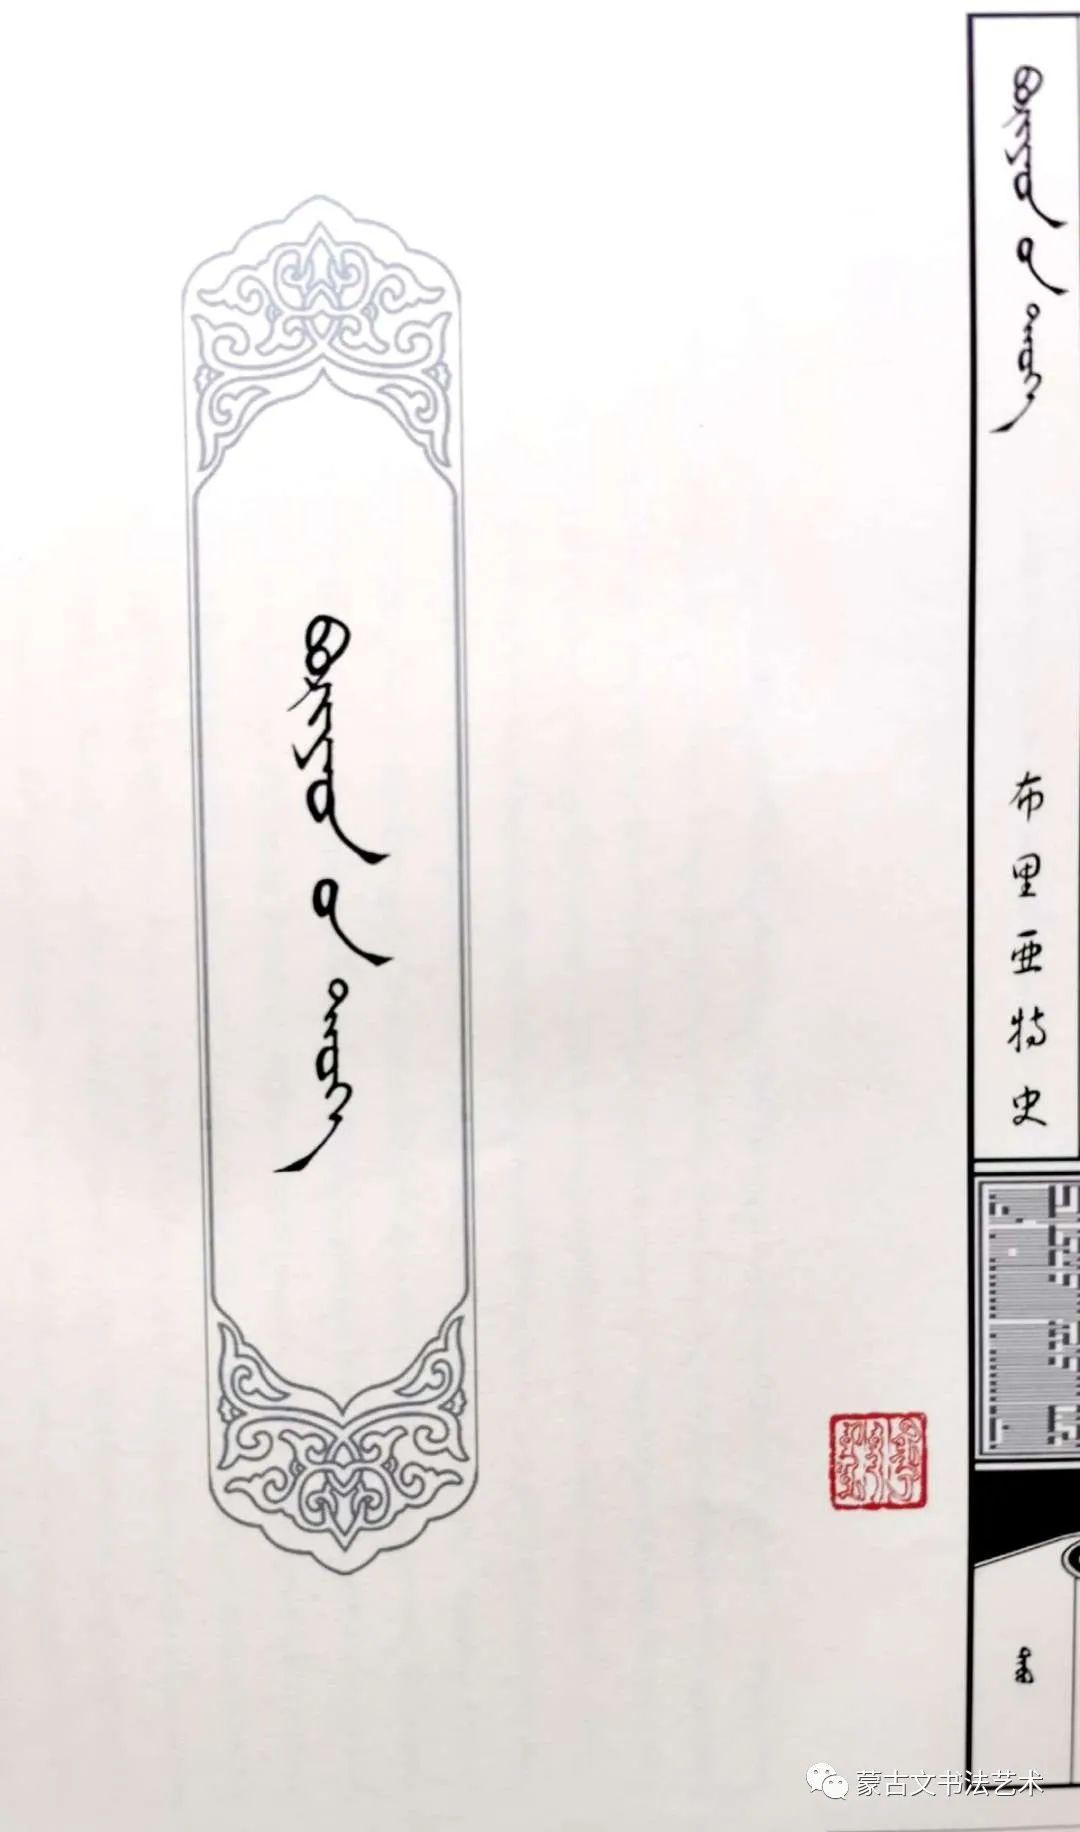 蒙古文经典文献当代书法名家手抄本之斯仁巴图《布里亚特史》 第4张 蒙古文经典文献当代书法名家手抄本之斯仁巴图《布里亚特史》 蒙古书法